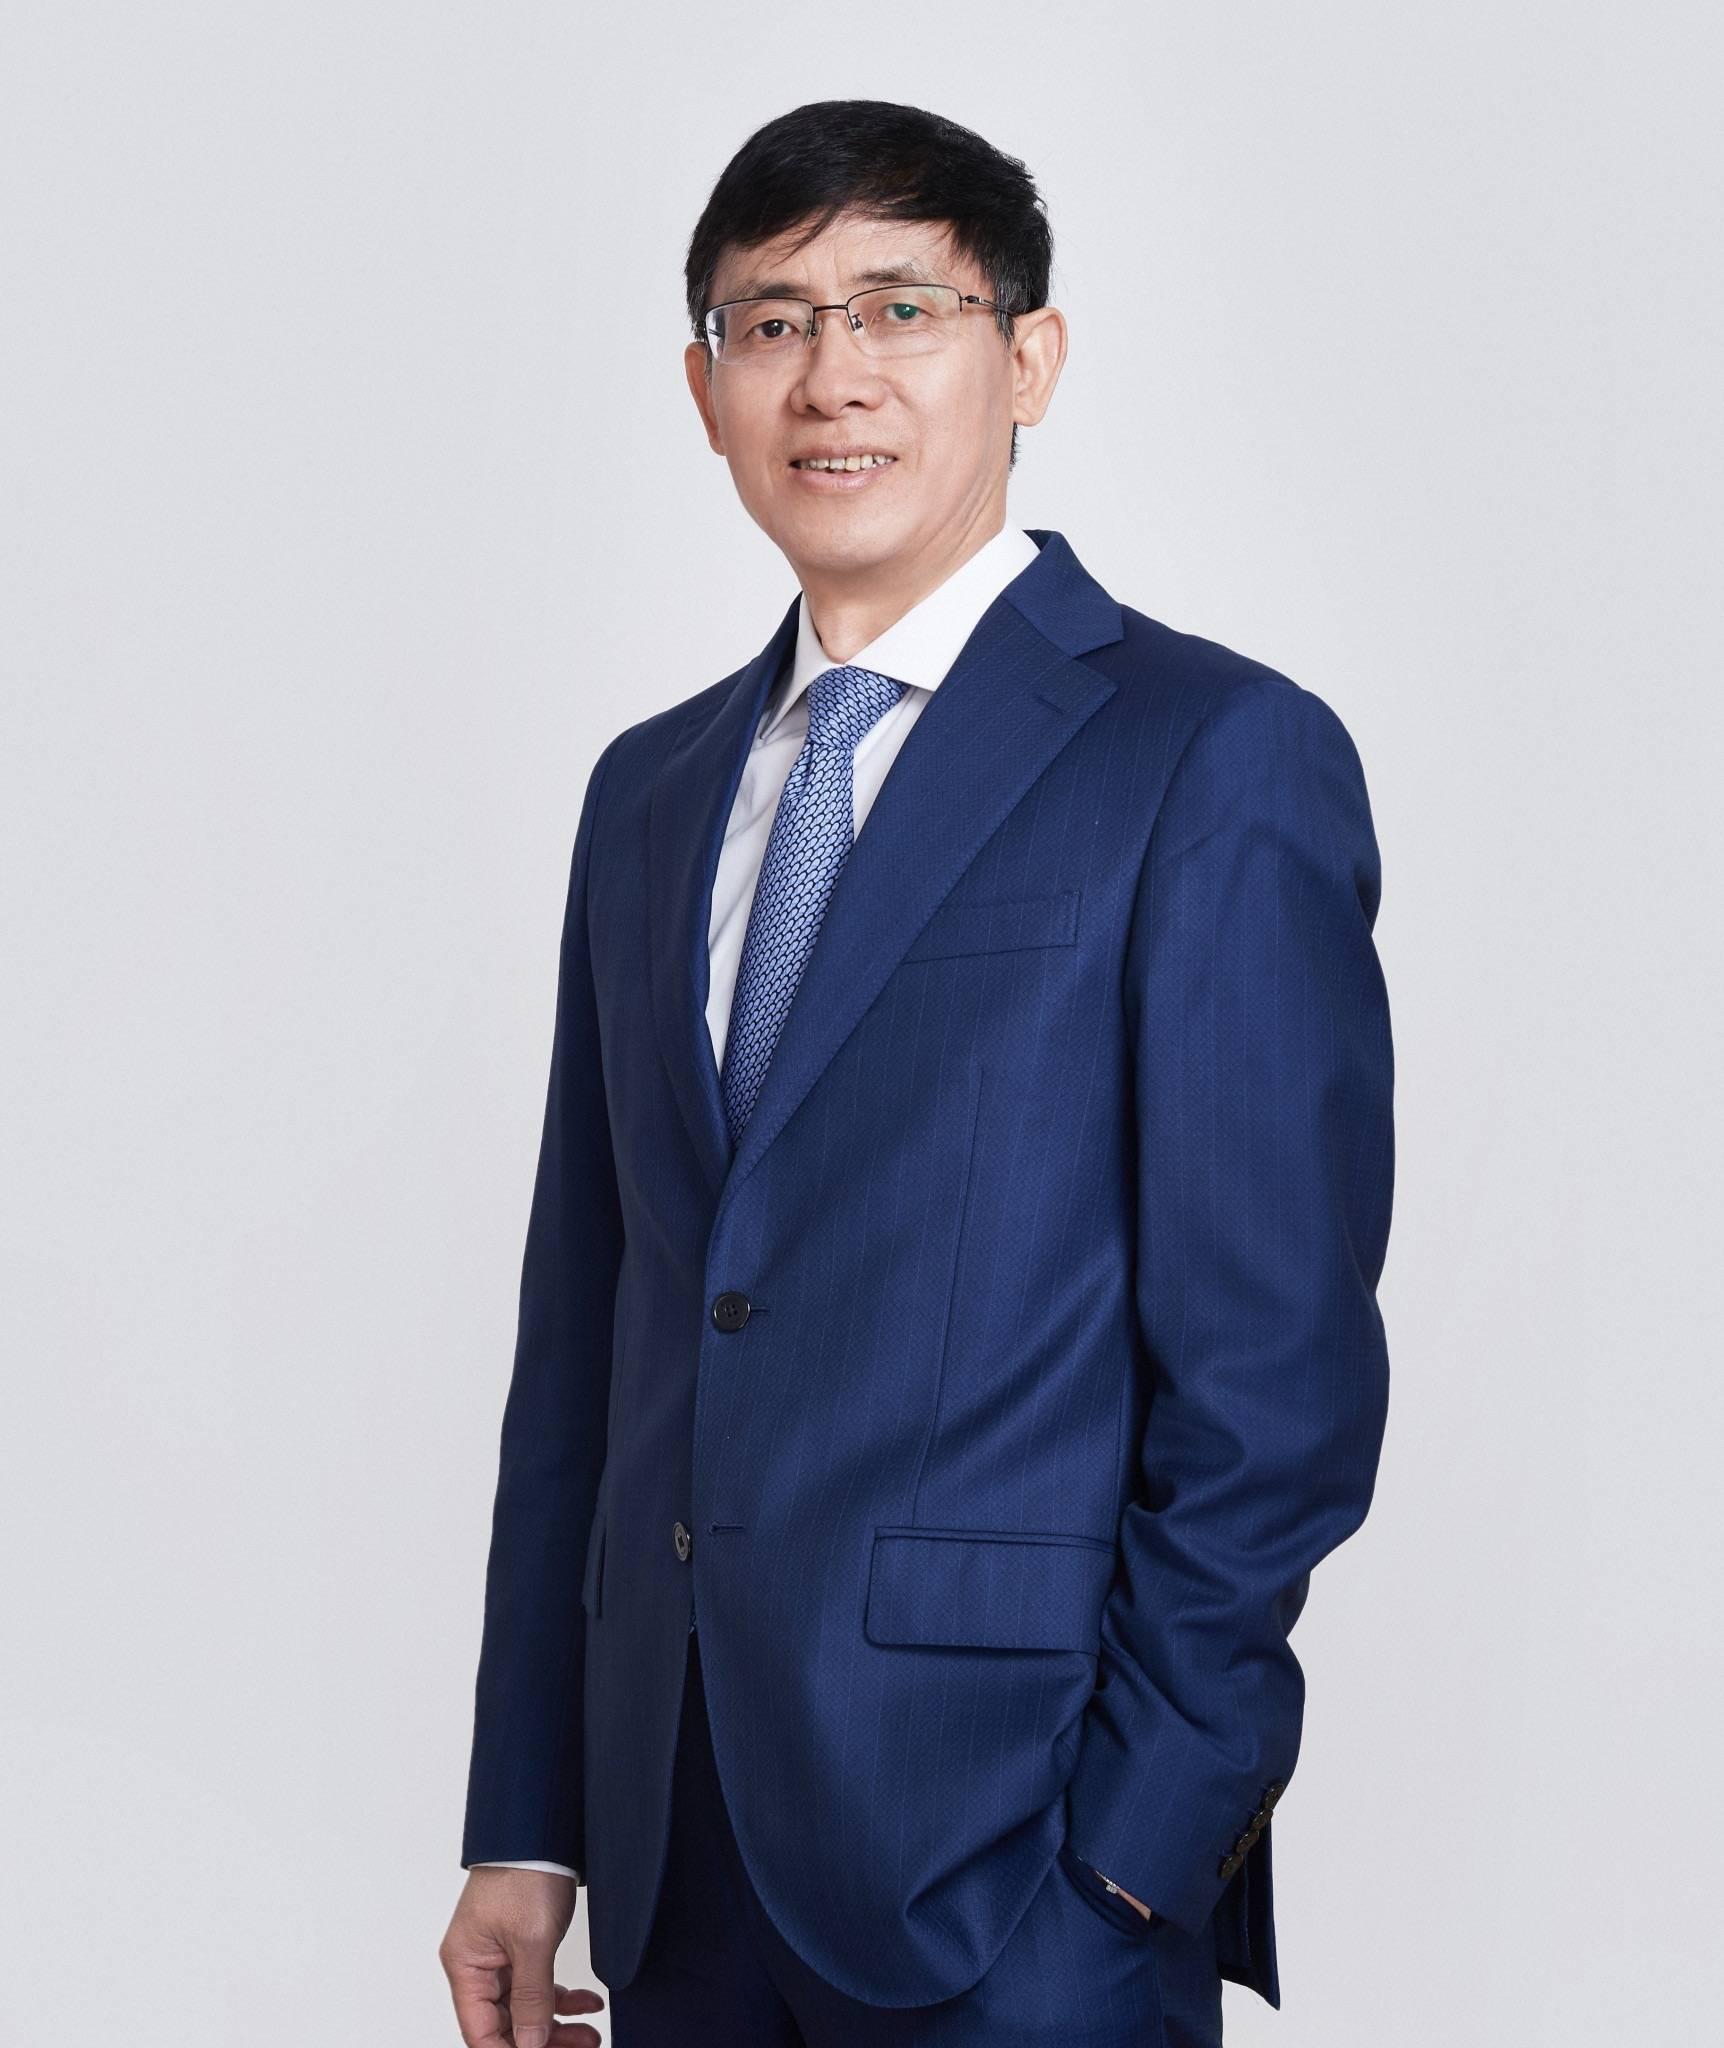 曝中国举重协会主席参加世界举联主席竞选 或创造历史